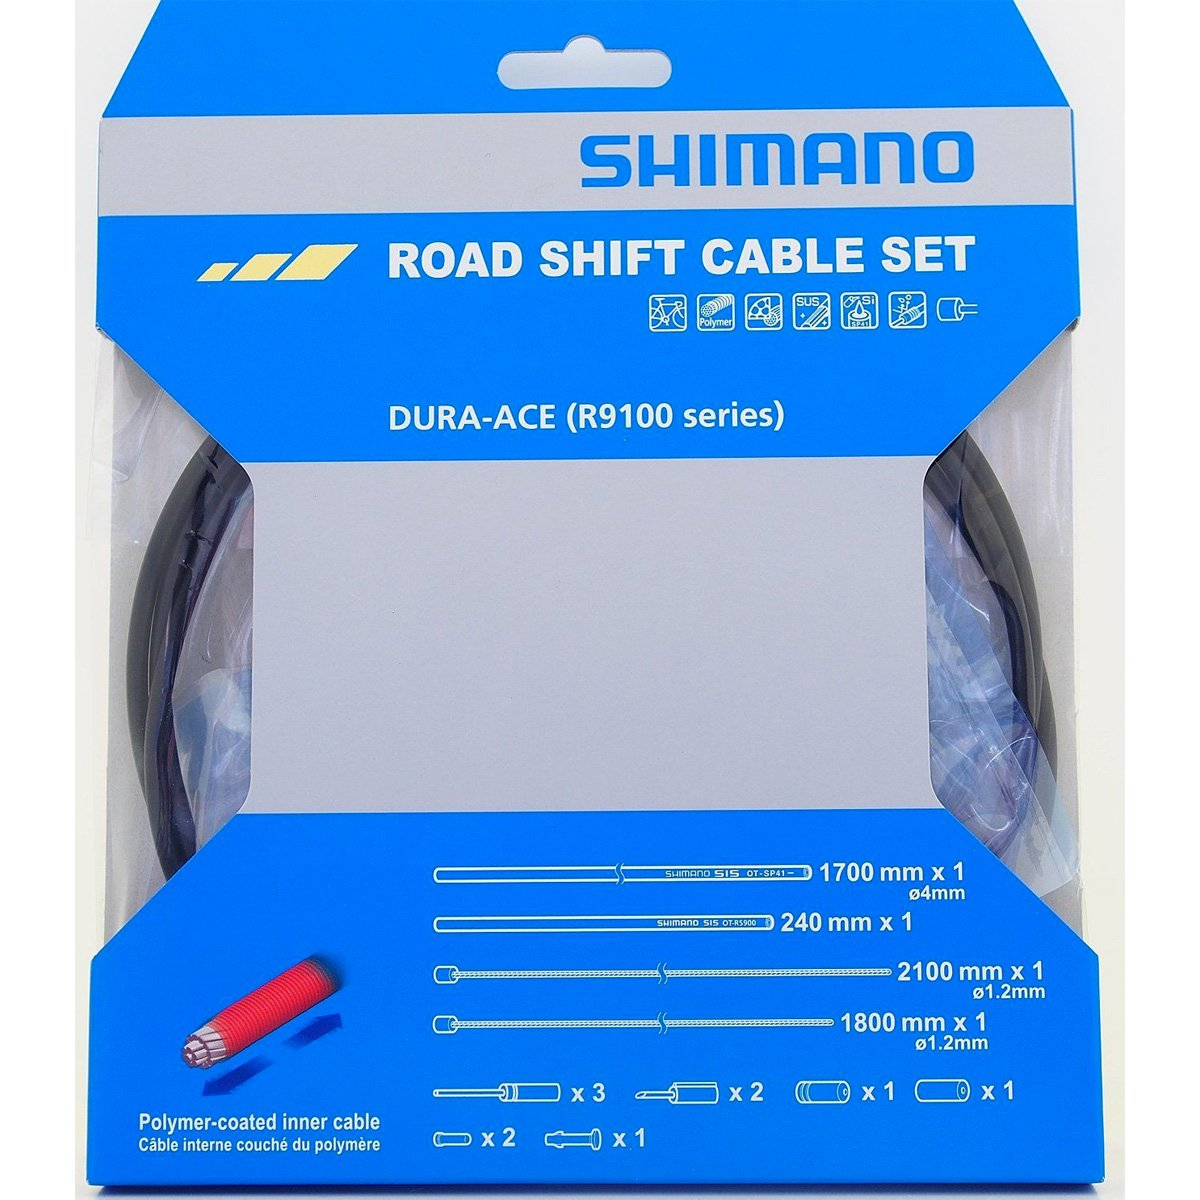 Shimano ot-sp41 rs900ロード自転車シフトケーブルセット B06W9KF8BG One Size ブラック ブラック One Size